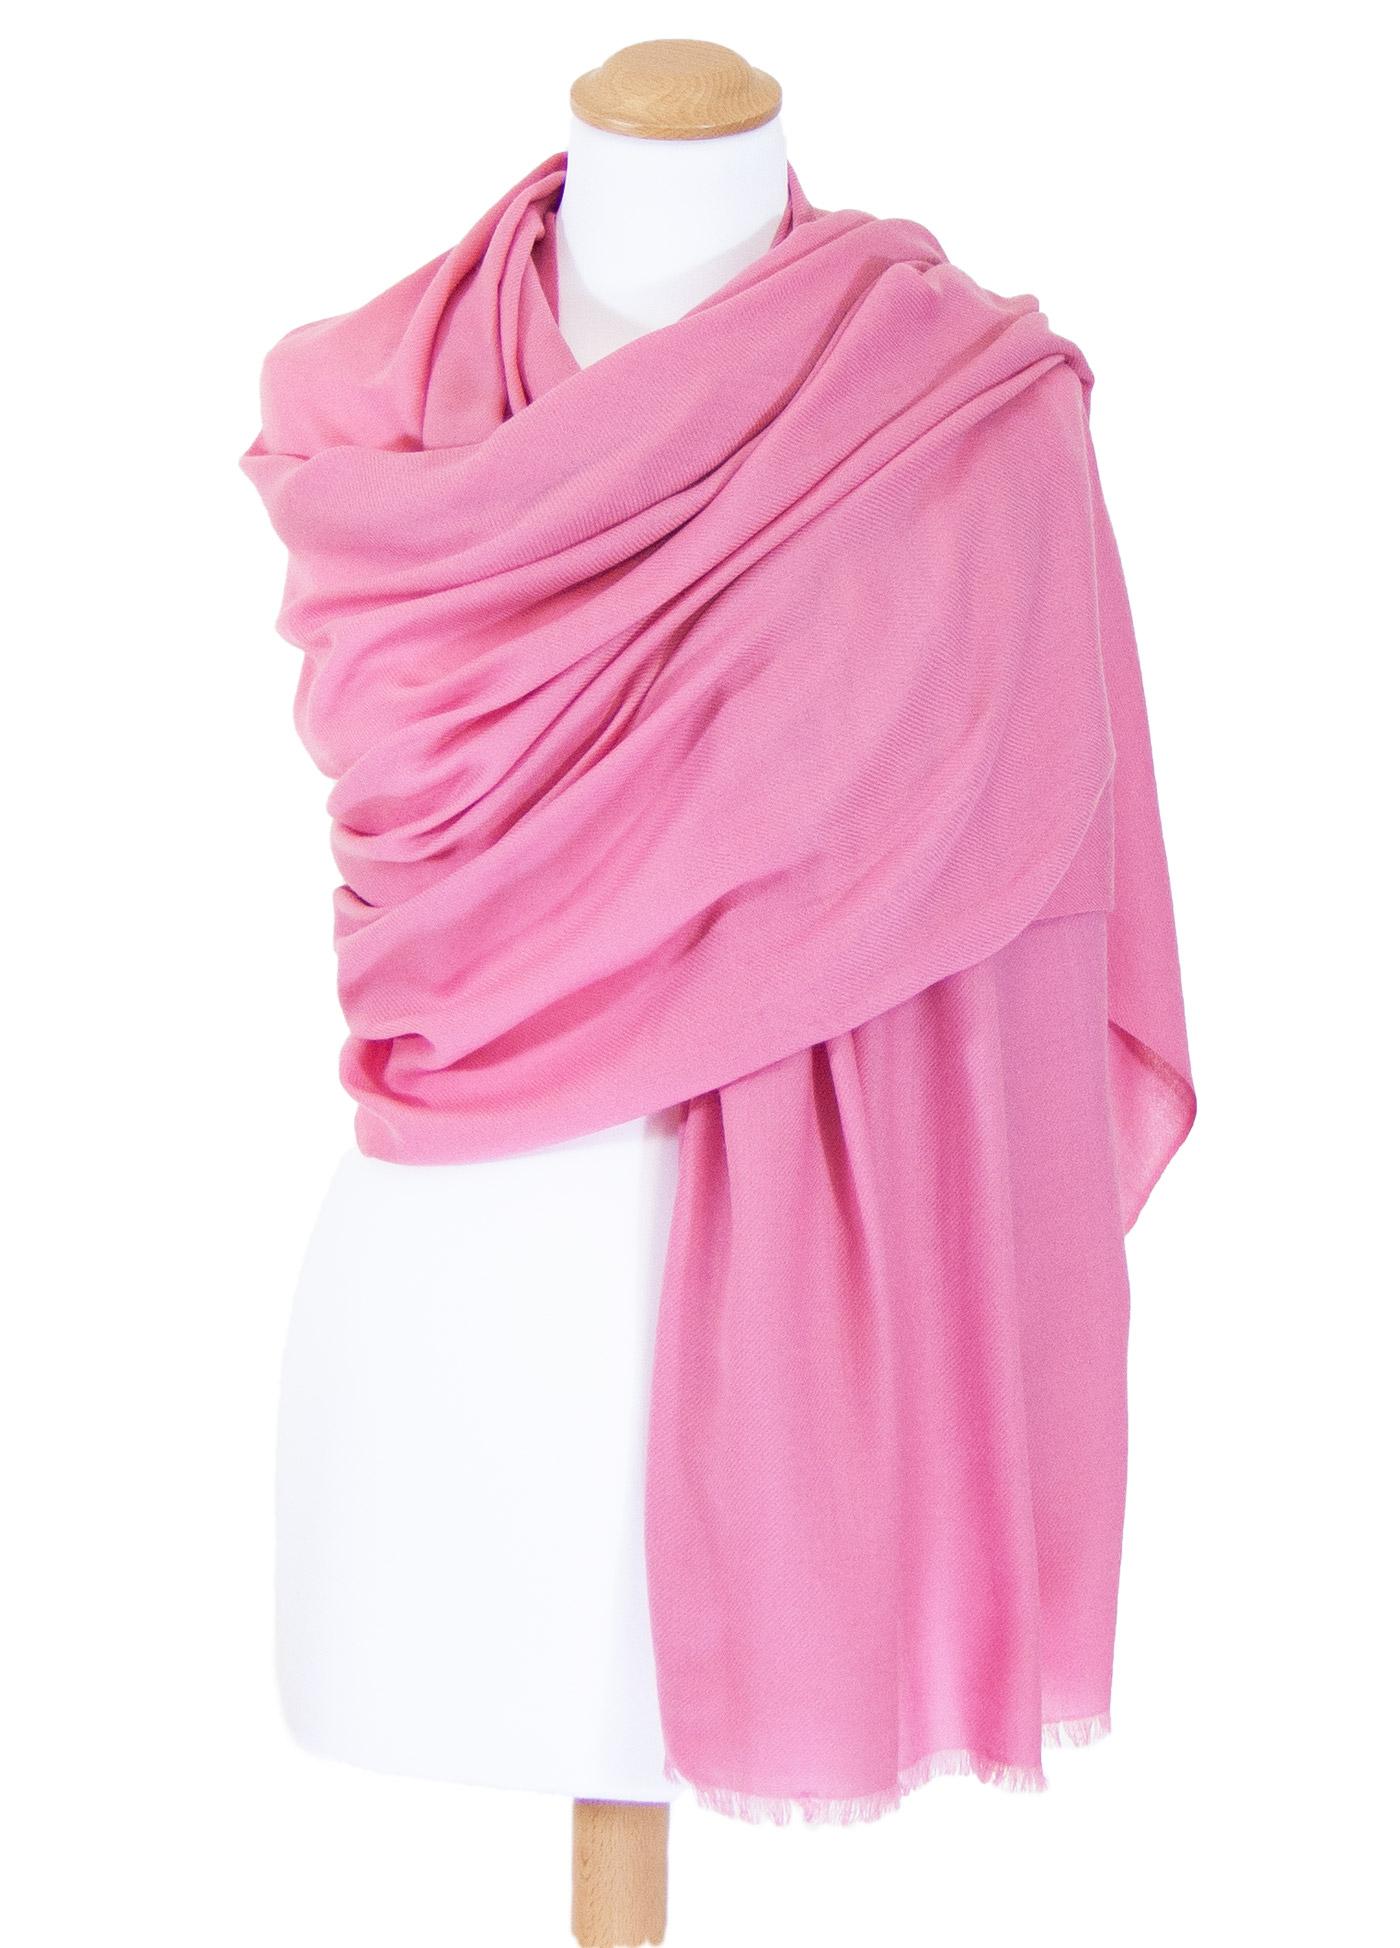 Etole rose laine fine premium